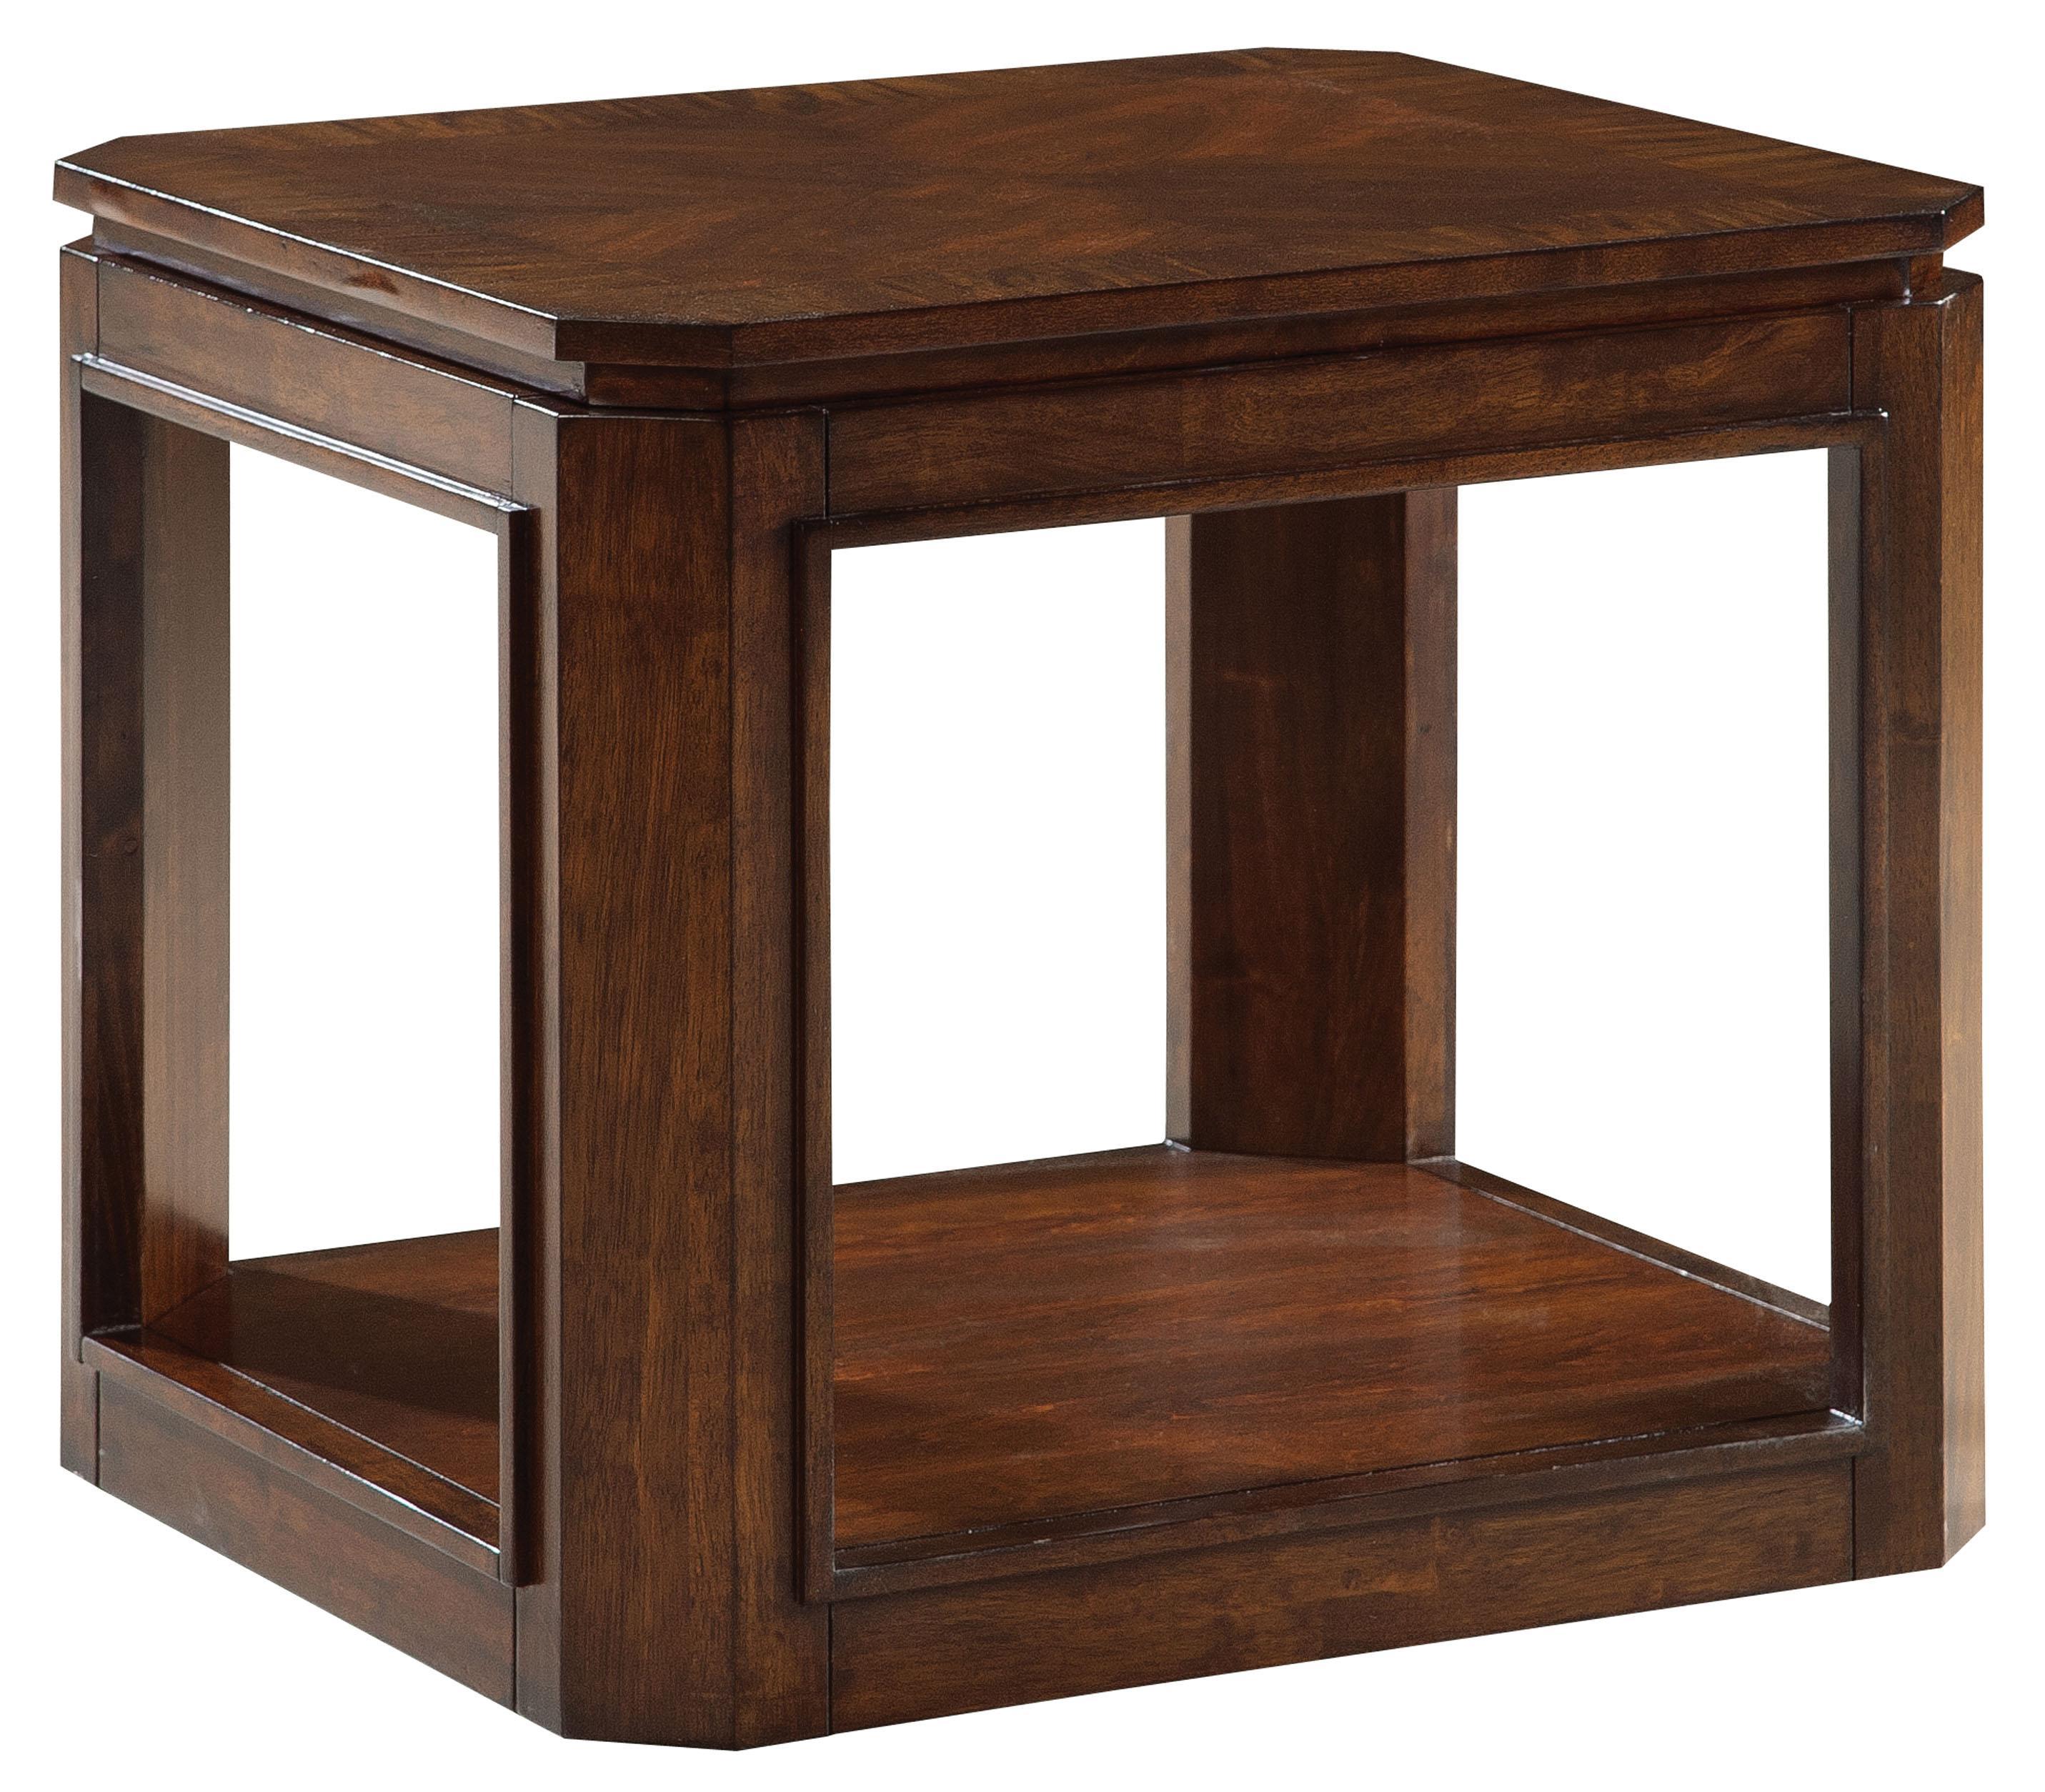 Standard Furniture Avion  End Table - Item Number: 22432